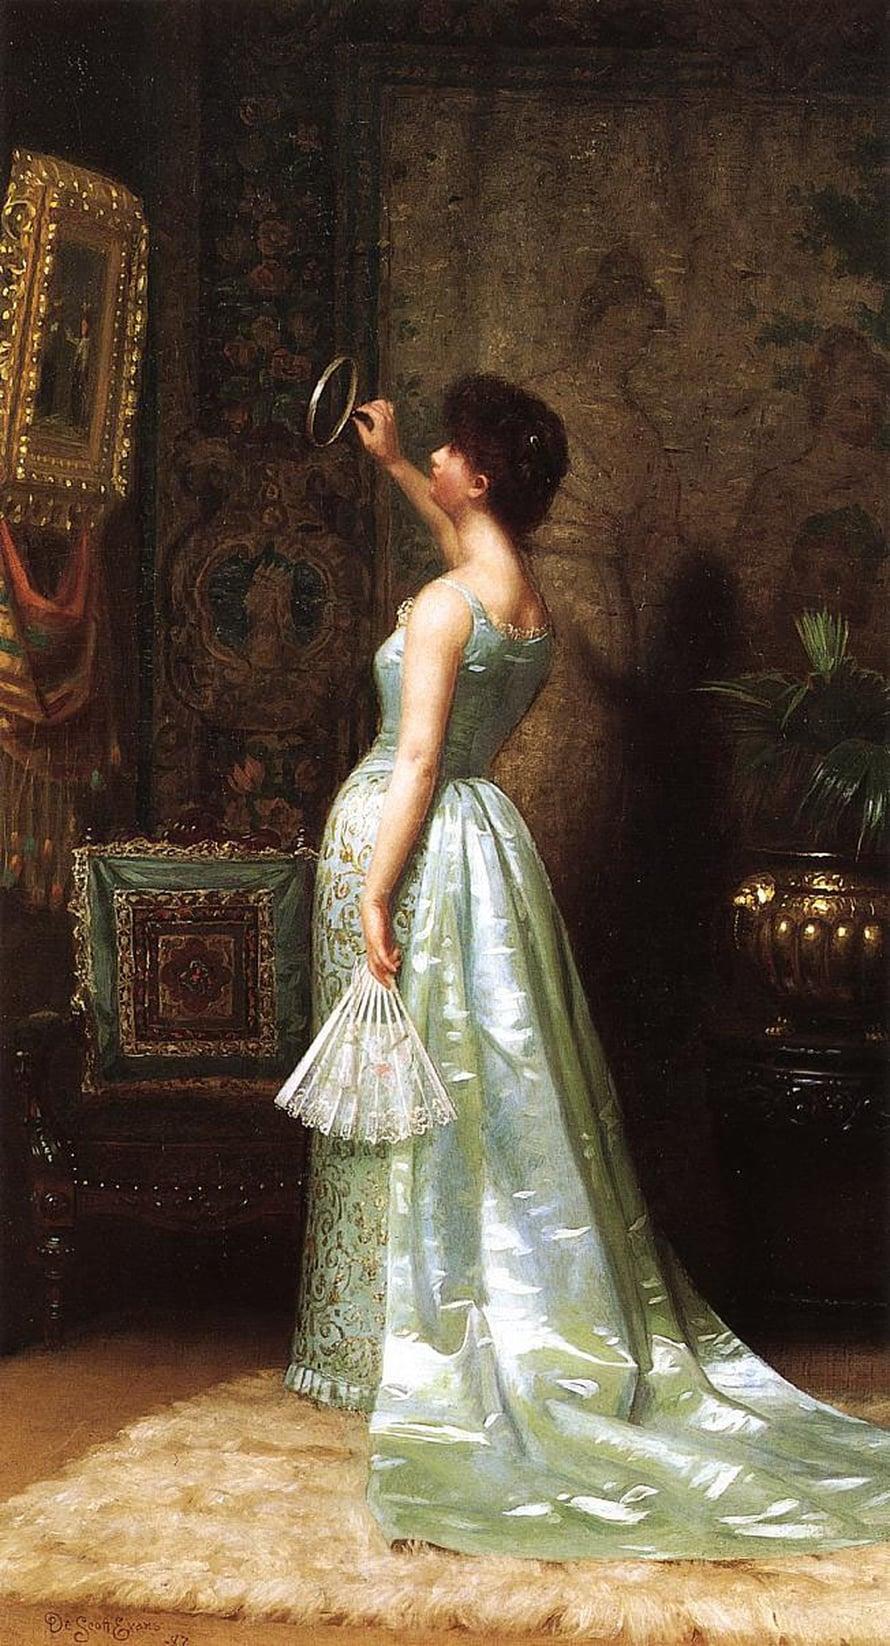 DeScott Evansin maalaus Tieteentuntija vuodelta 1887.